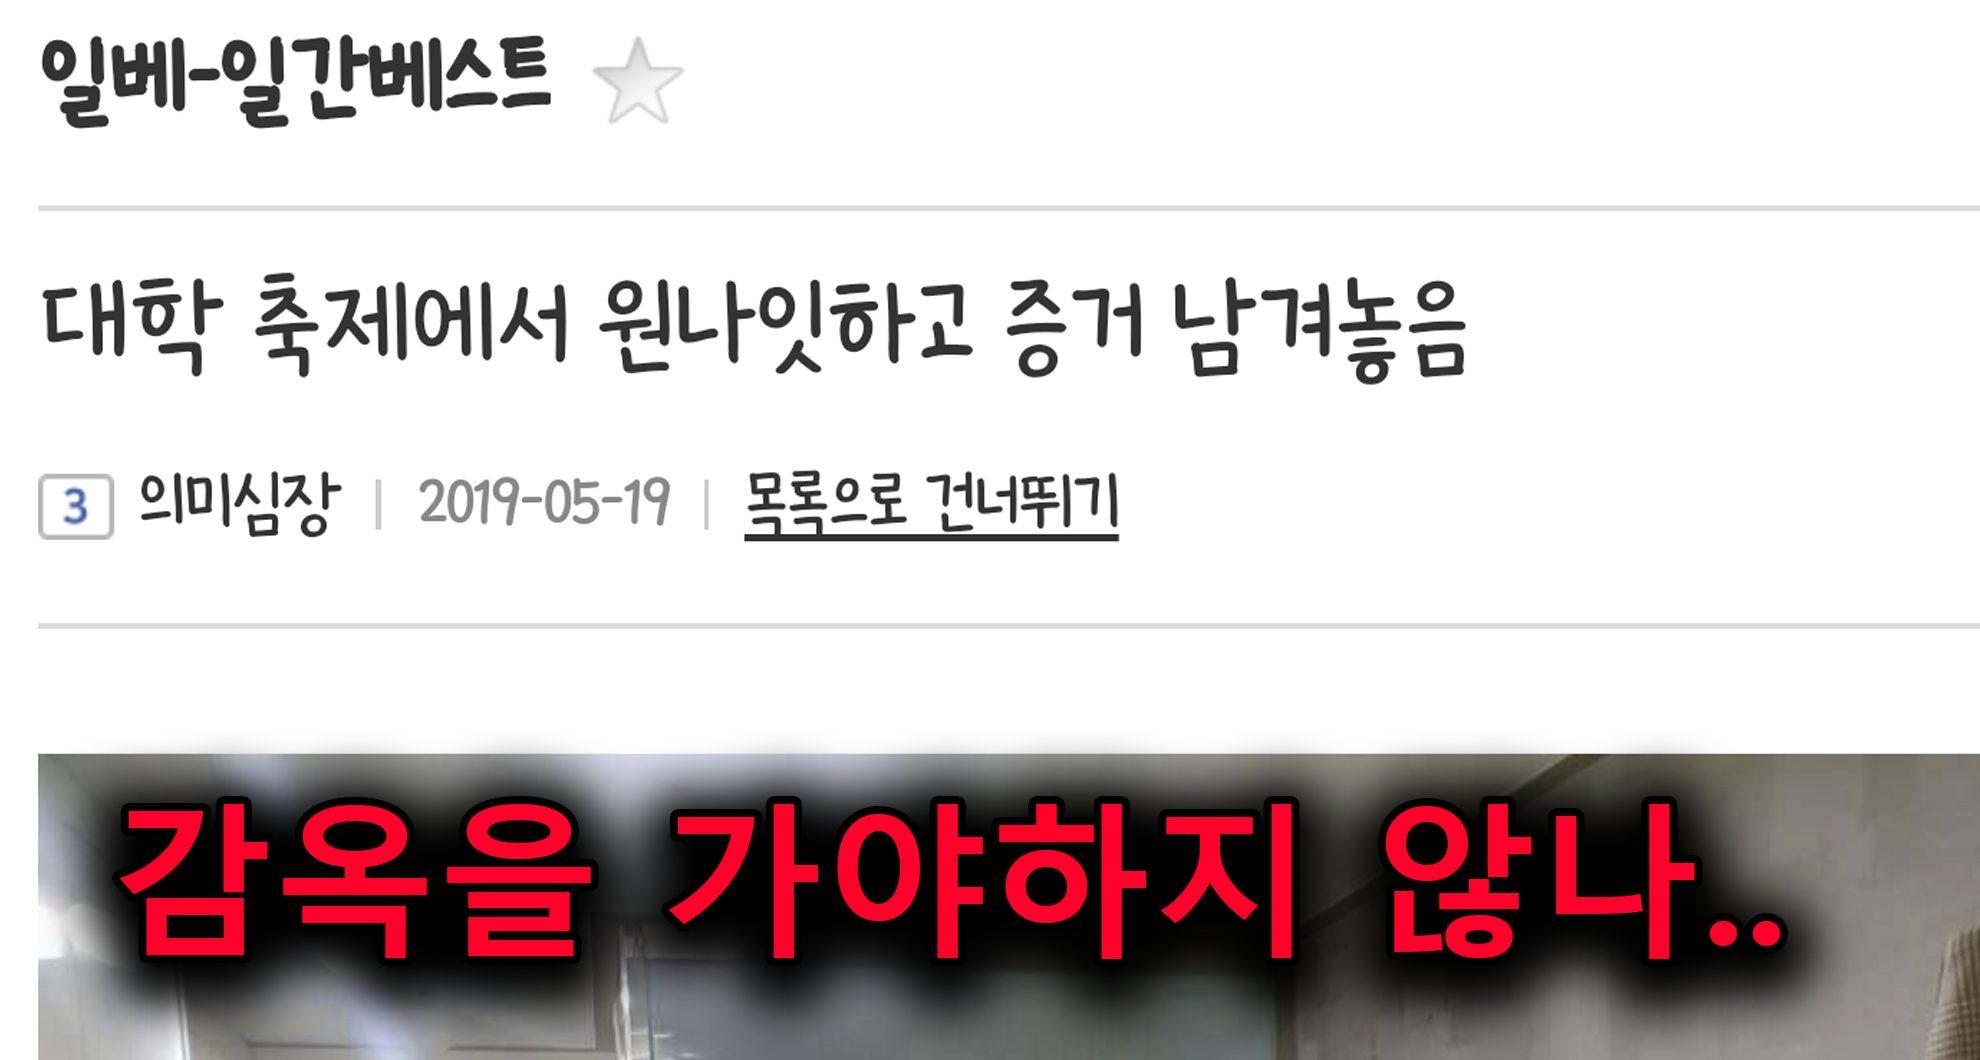 현재 난리난 7급 공무원 합격 인증한 일베 회원….